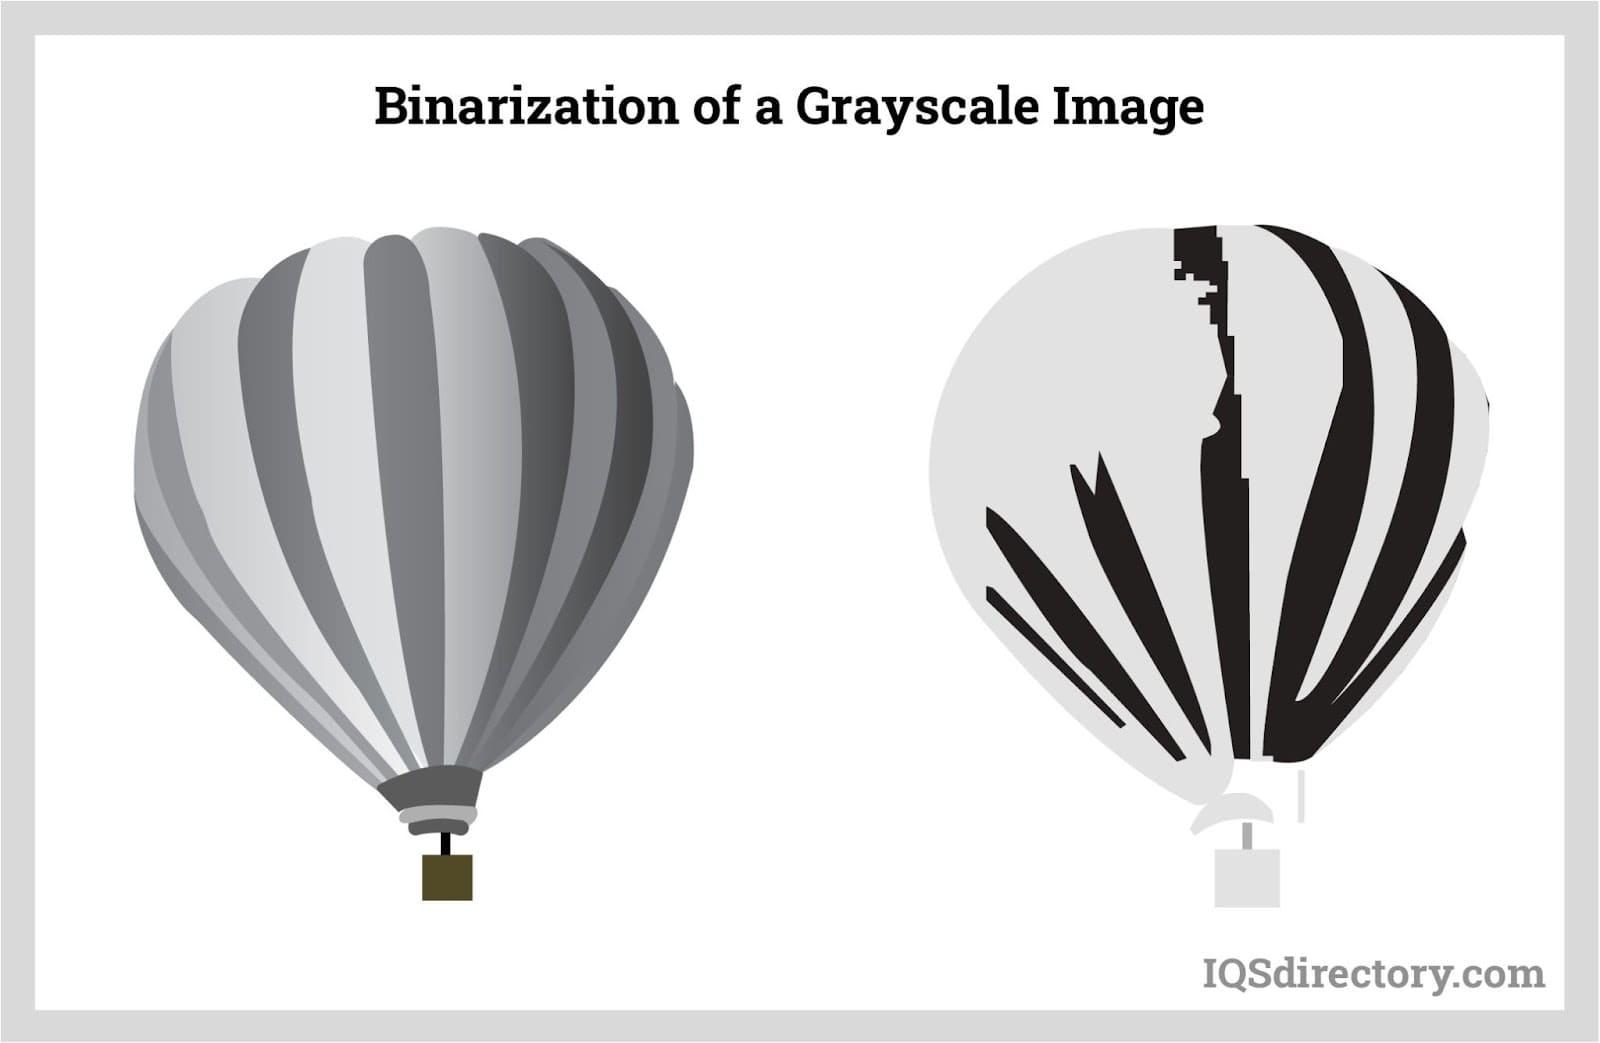 Binarization of a Grayscale Image